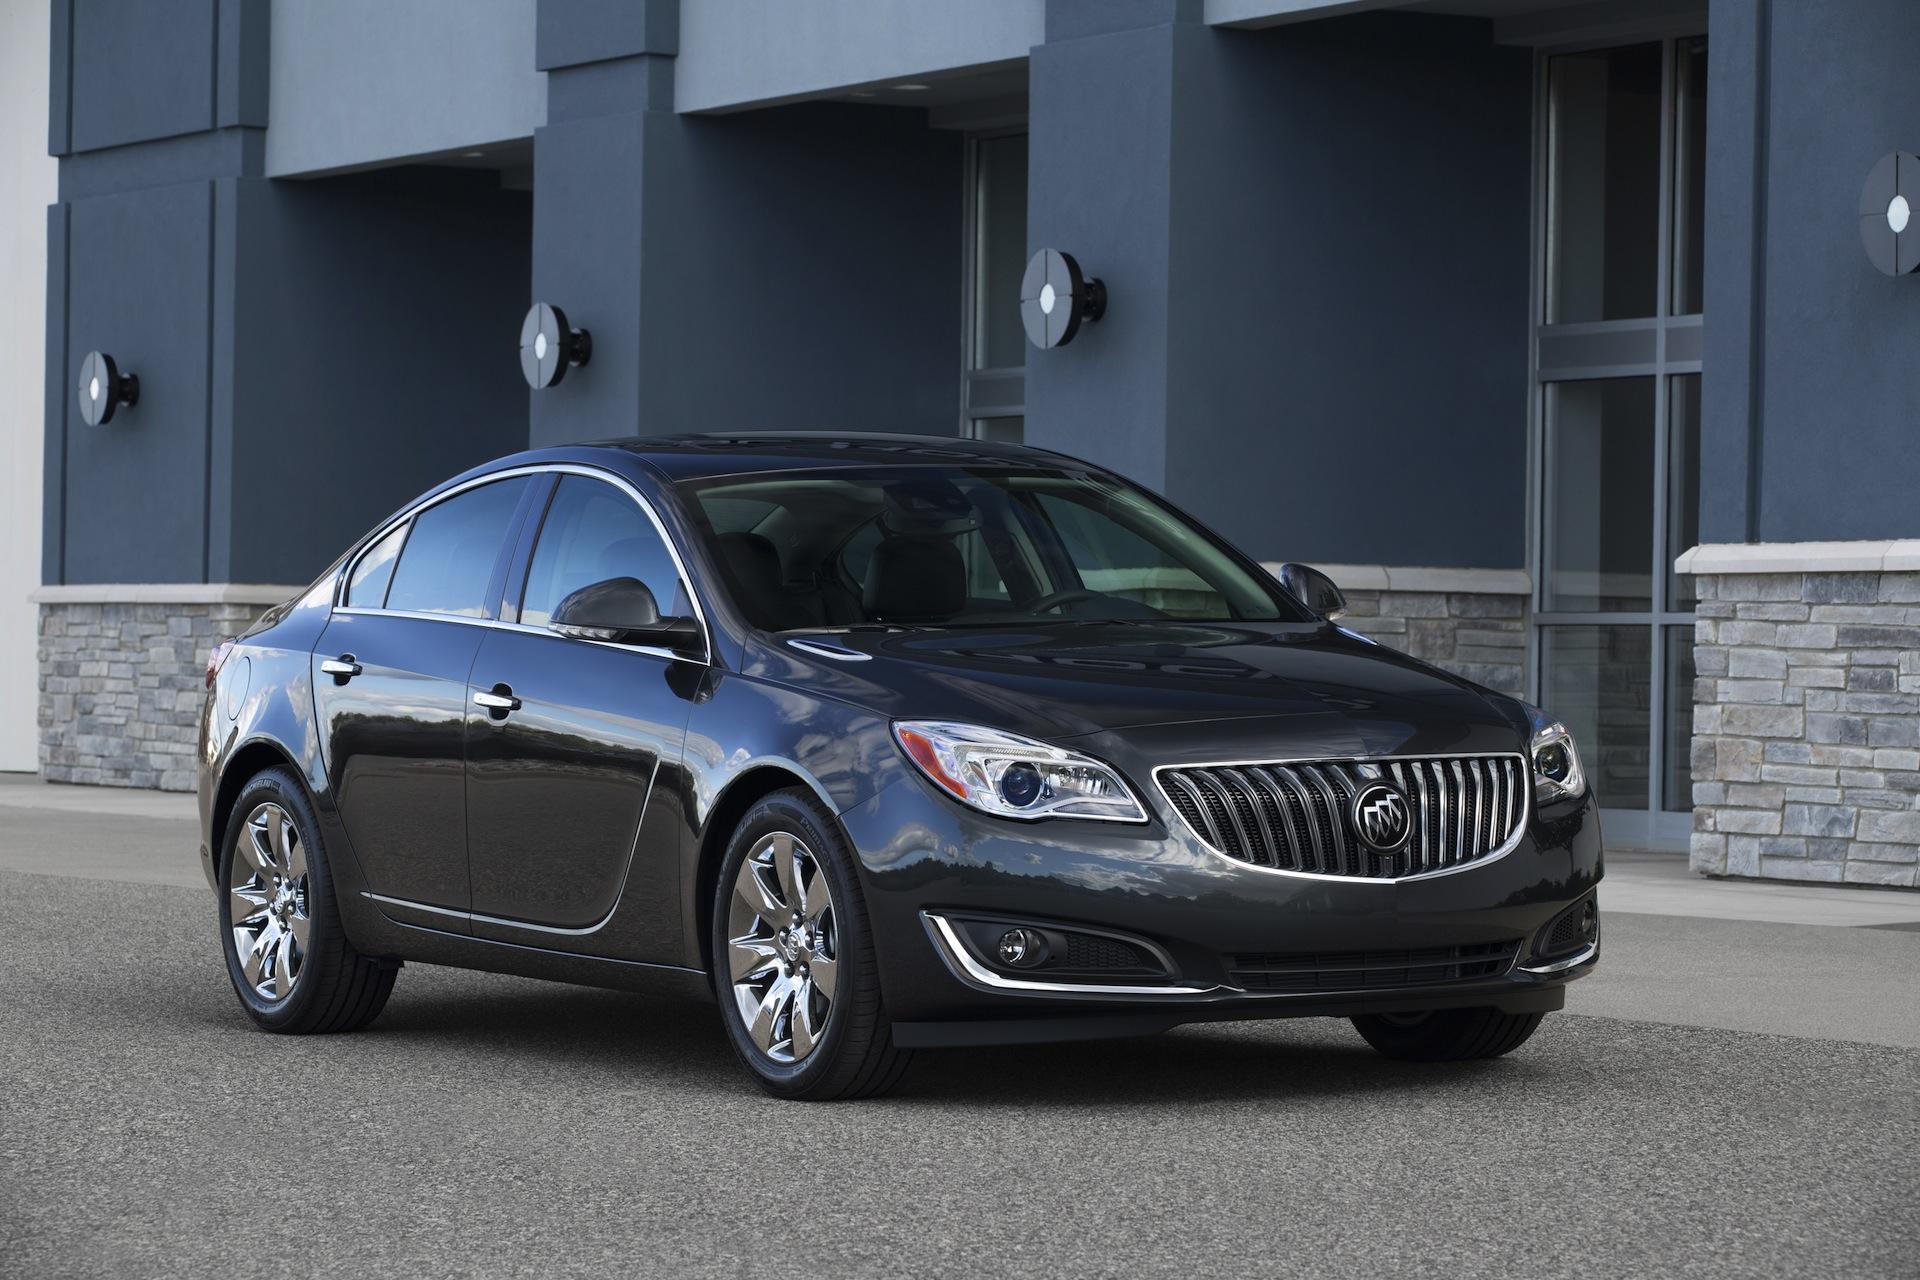 Buick Regal: Fuel